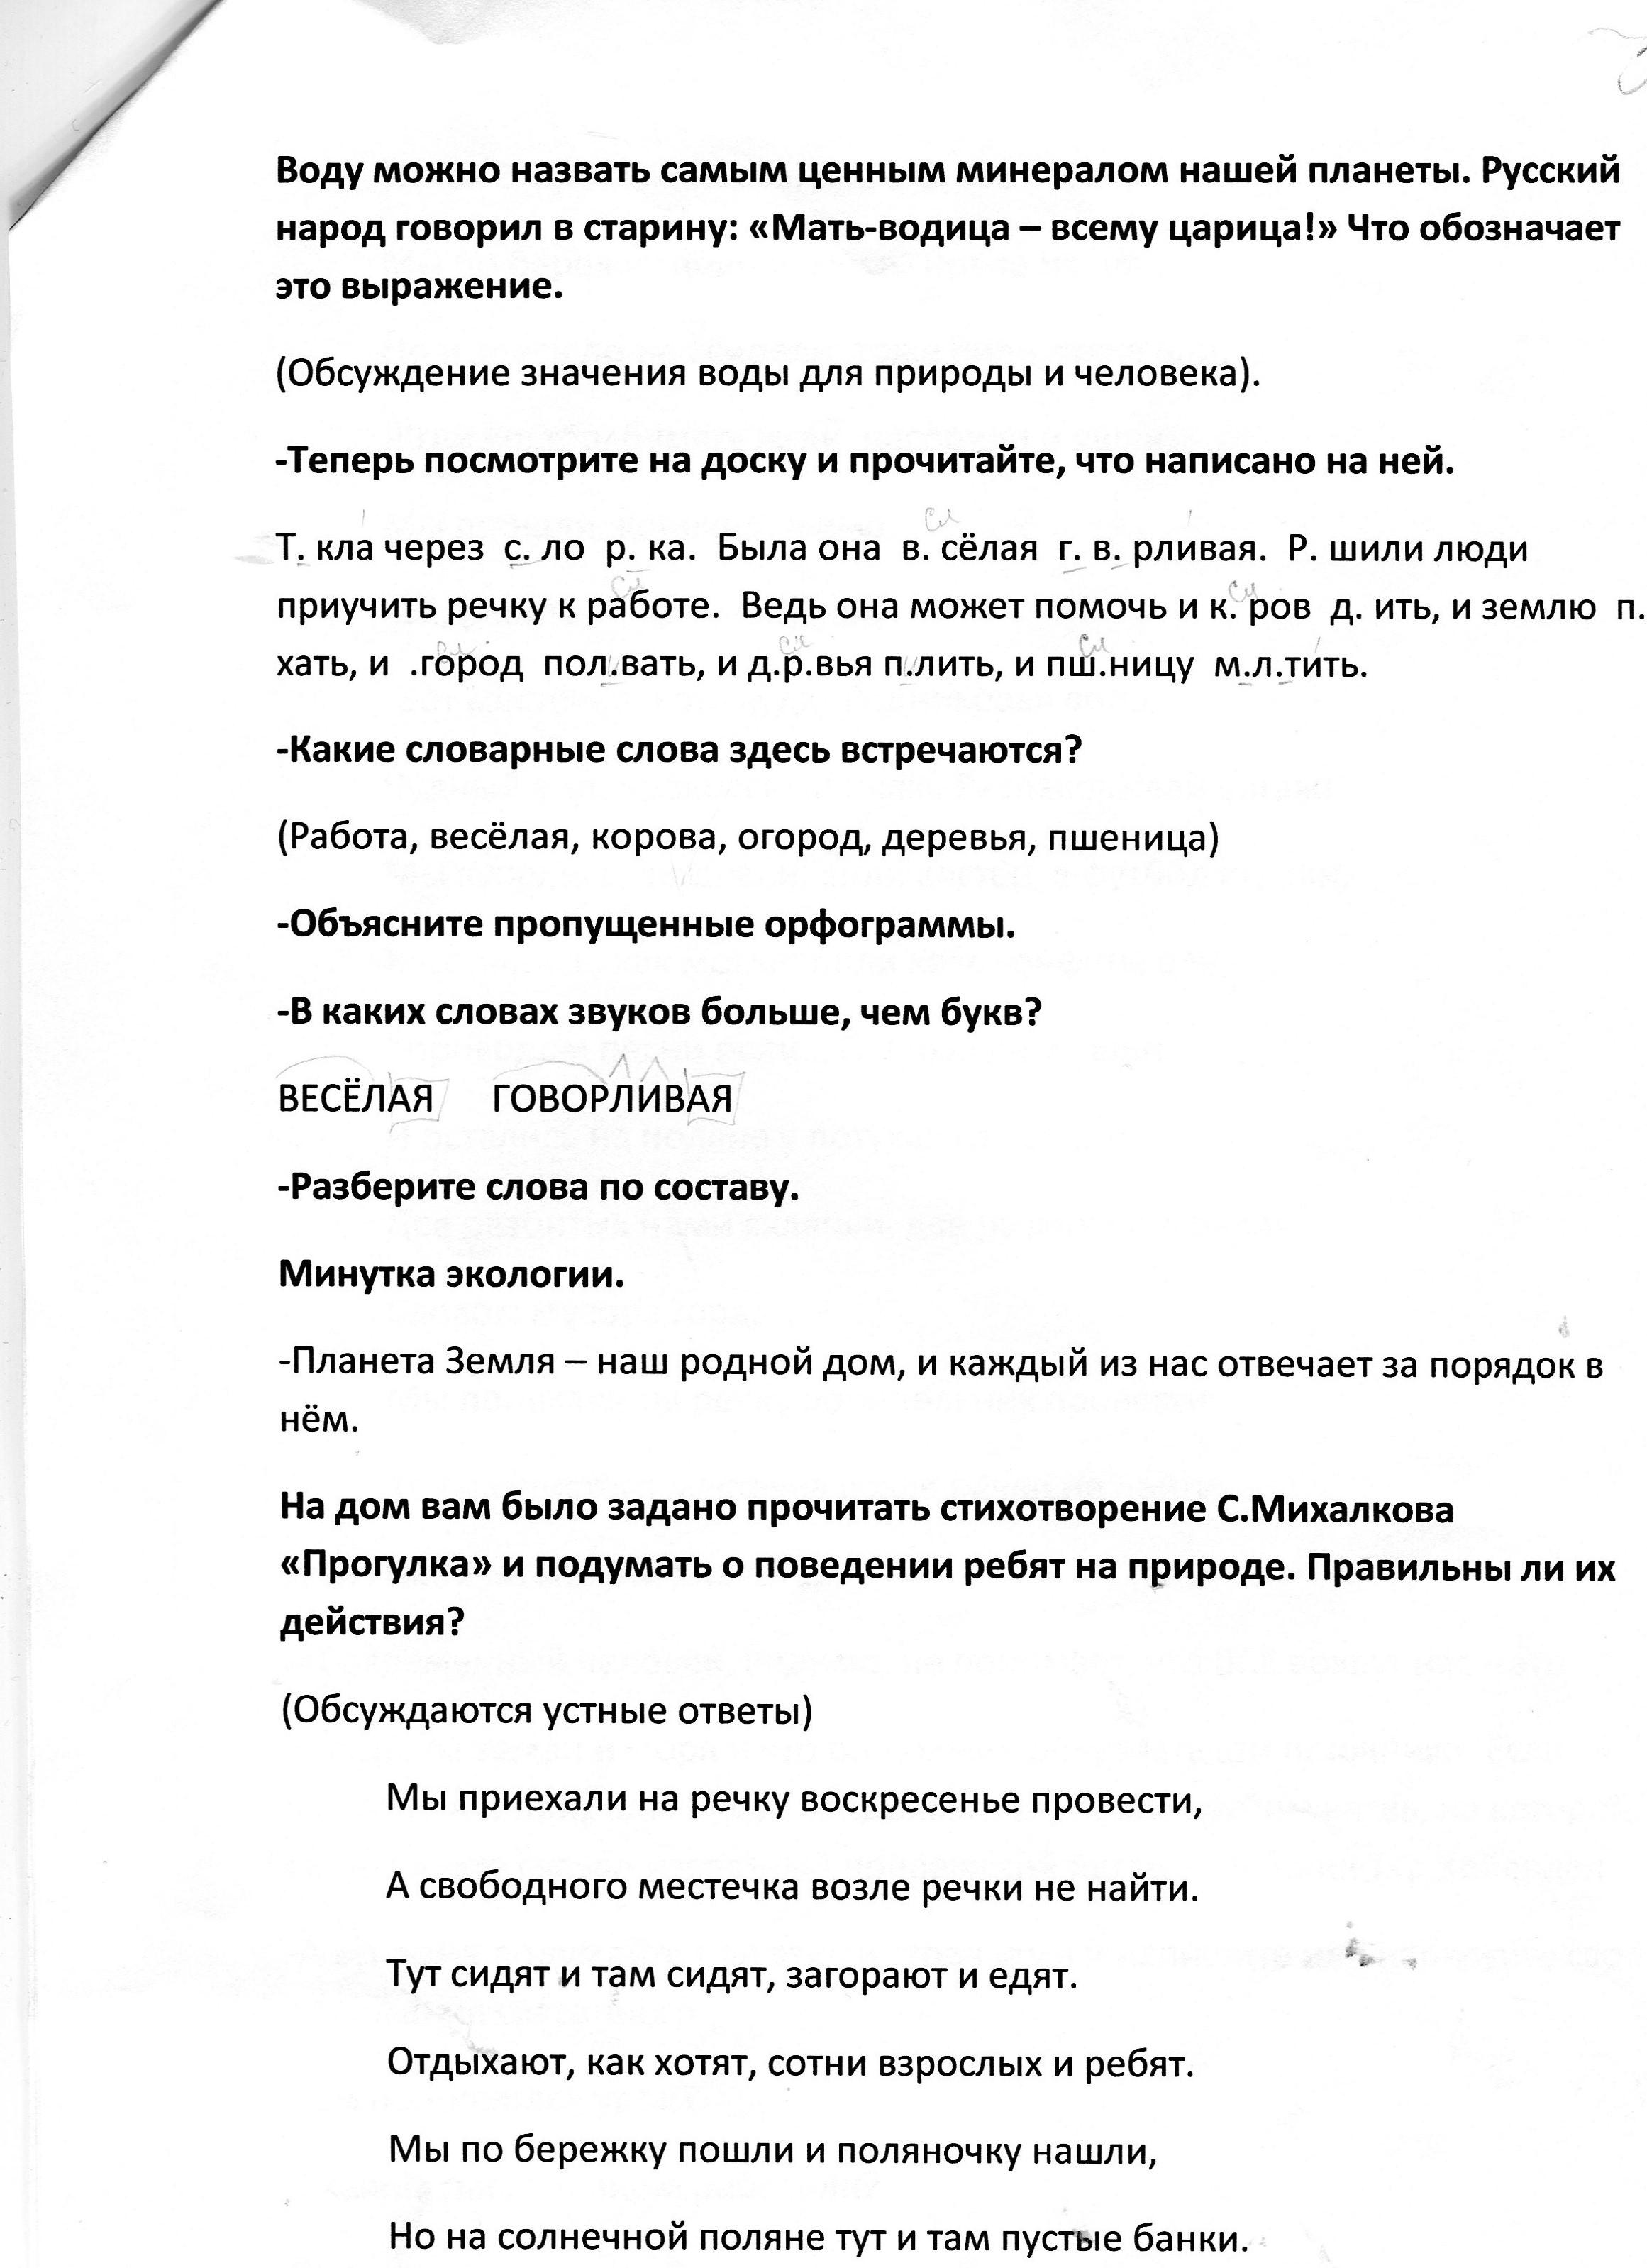 D:\Users\Администратор\Desktop\интегрированный урок( русский язык и окружающий мир\5.jpg